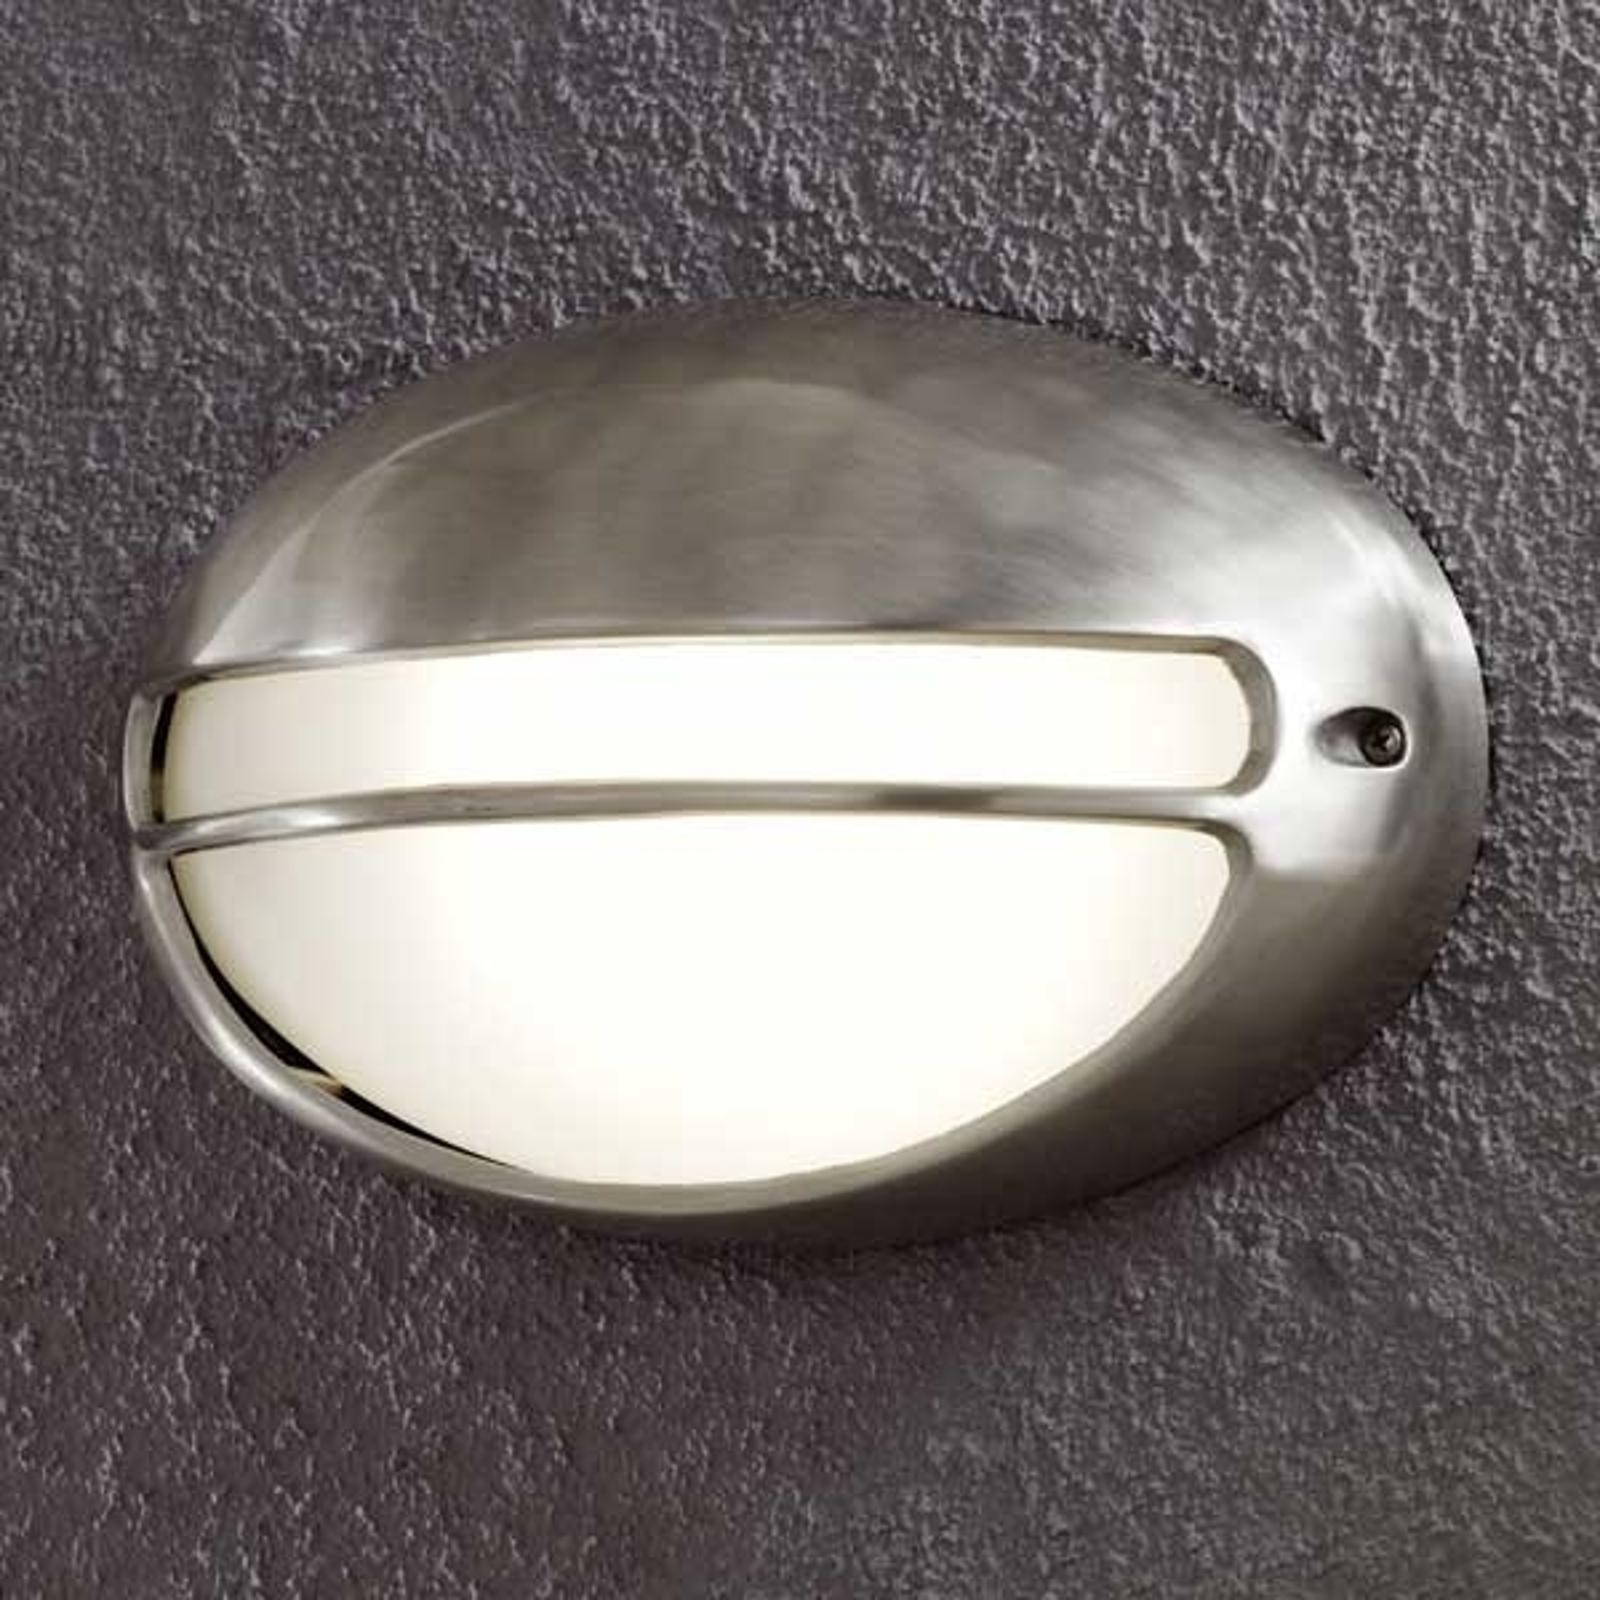 Bonito aplique de pared exterior TORINO, ovalado